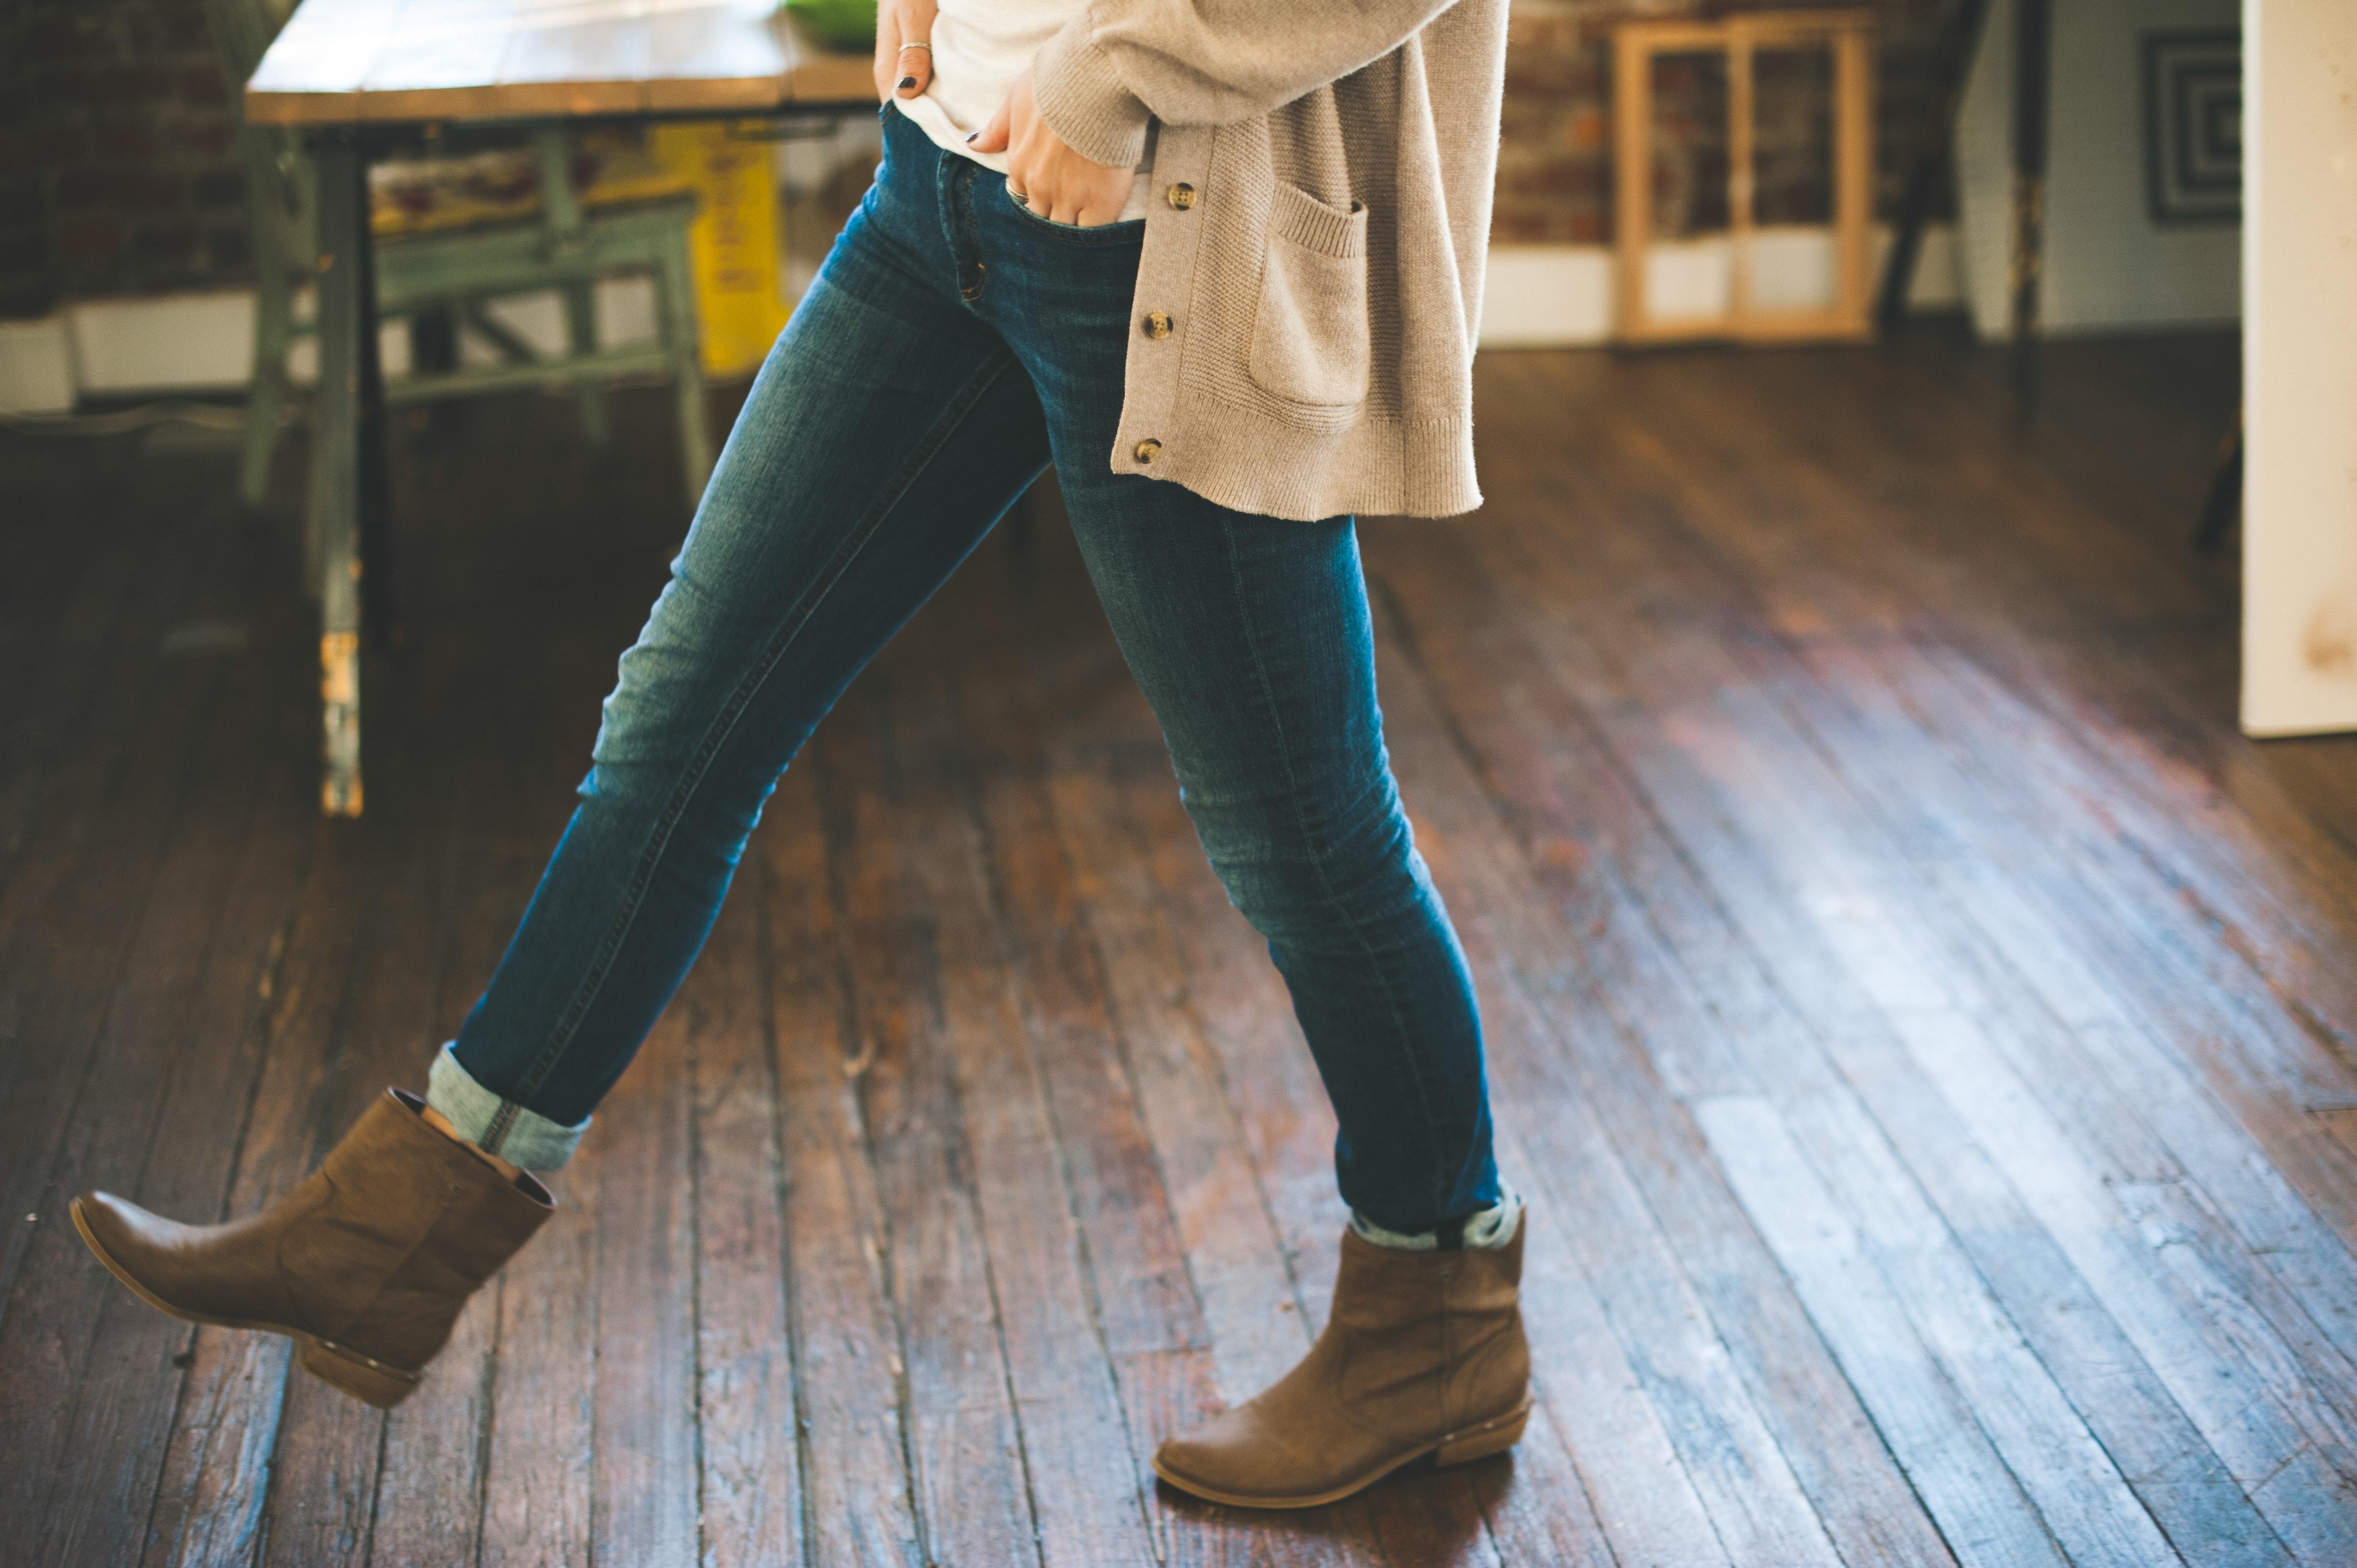 Questi stivali sono fatti per camminare